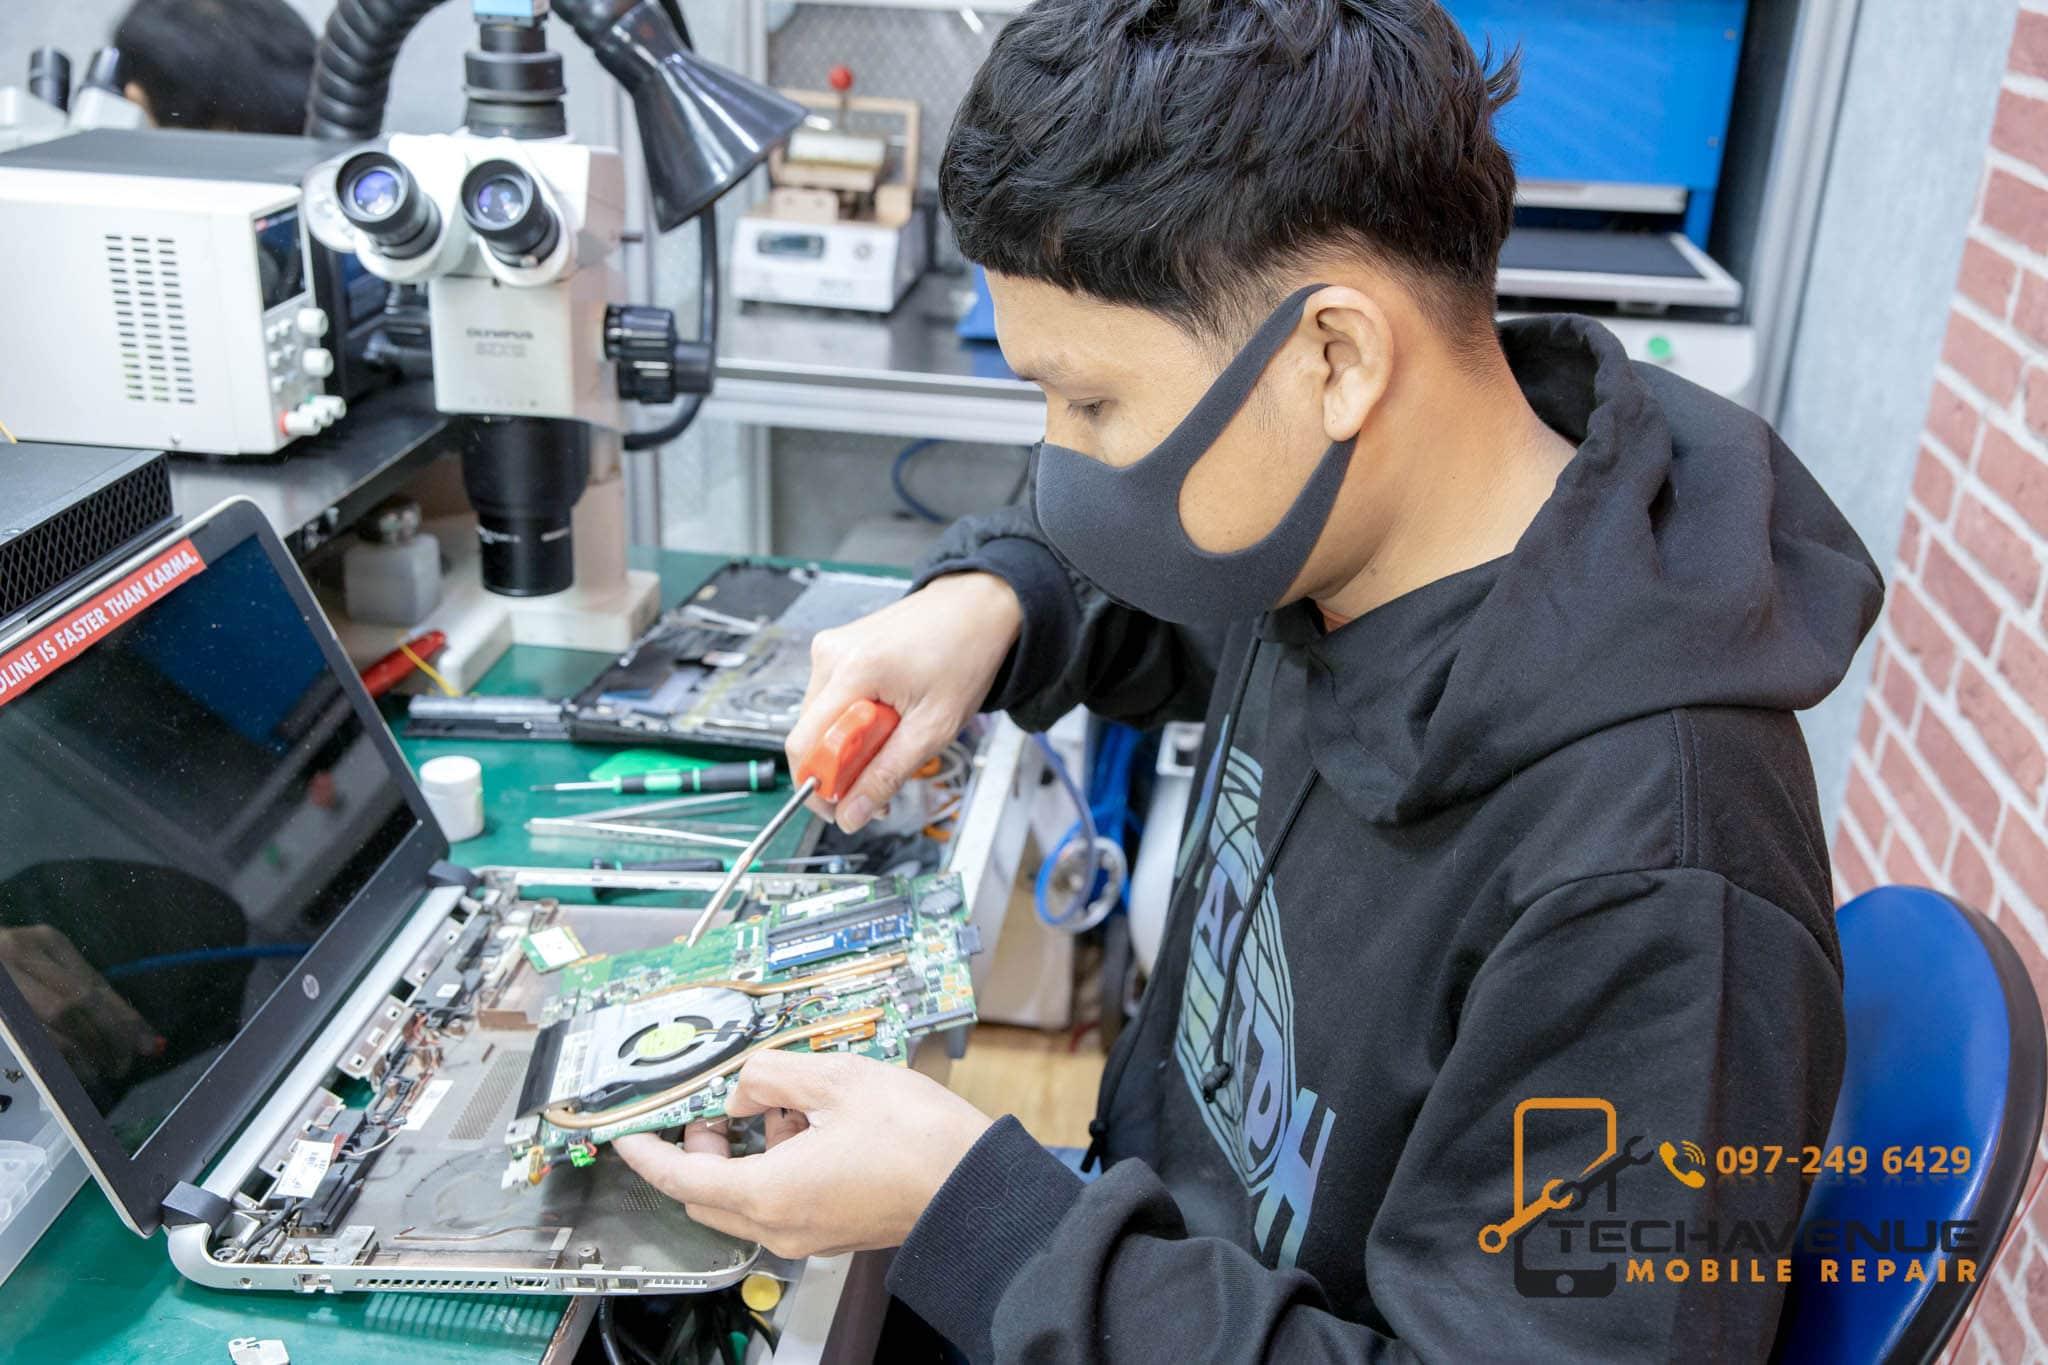 เครื่อง Huawei (หัวเหว่ย) Mate 30 Pro ตกน้ำ ส่งมือถือซ่อม ร้านไหนดี